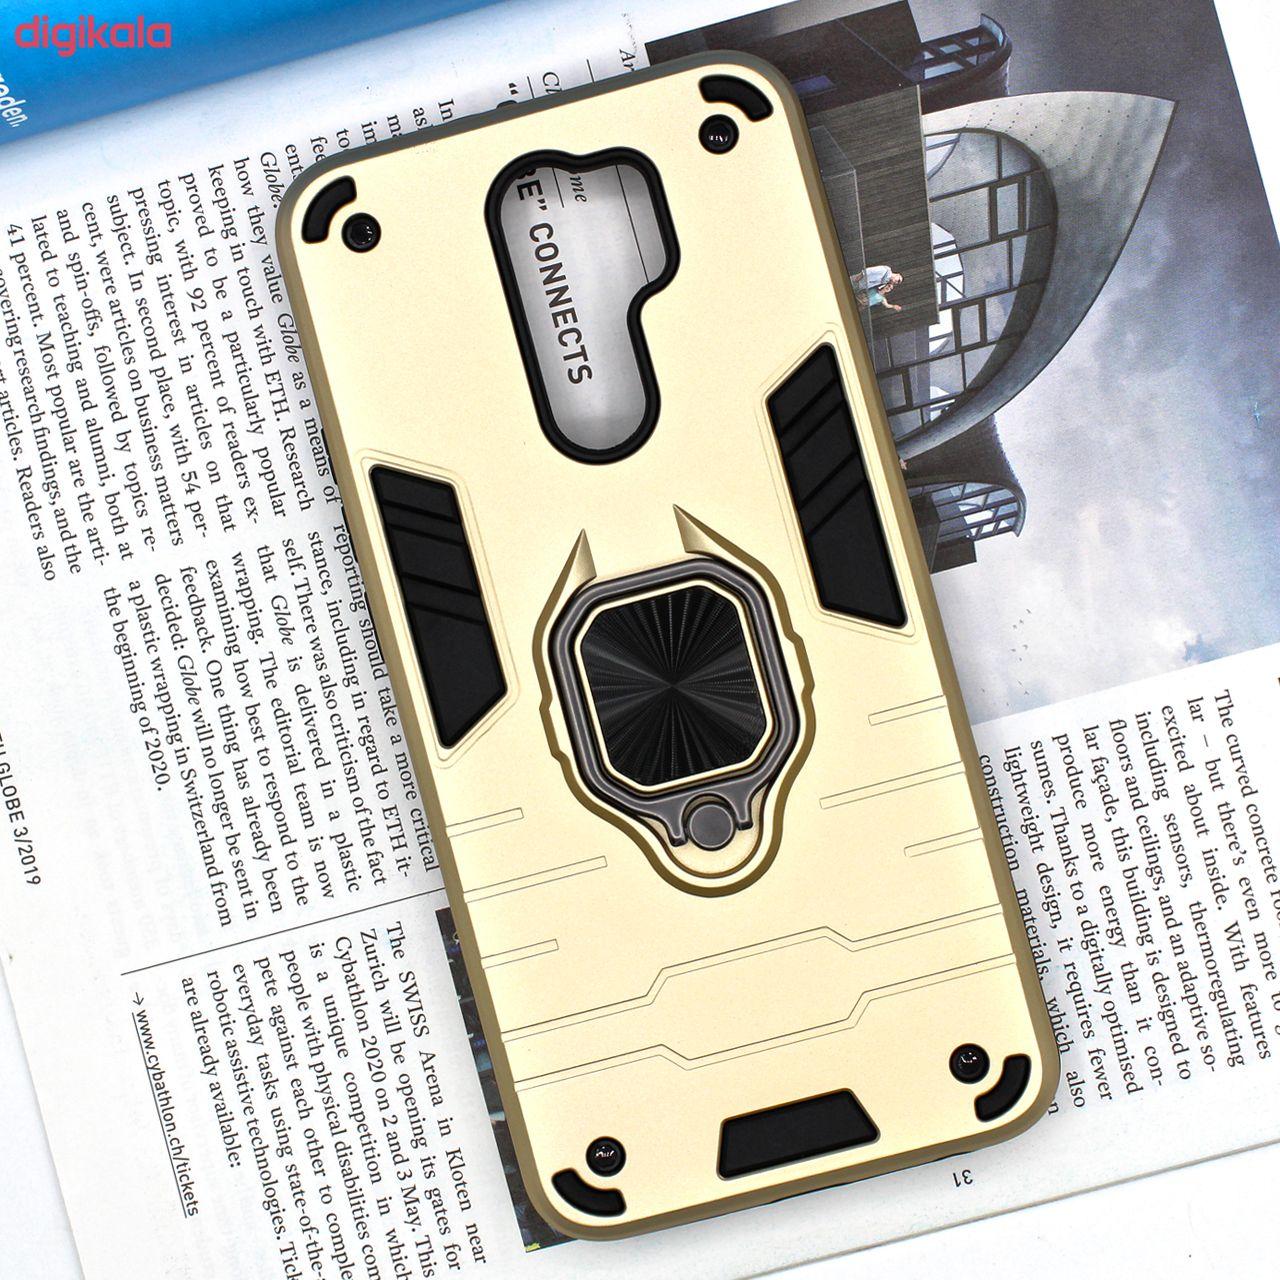 کاور کینگ پاور مدل ASH22 مناسب برای گوشی موبایل شیائومی Redmi 9 / Redmi 9 Prime main 1 10